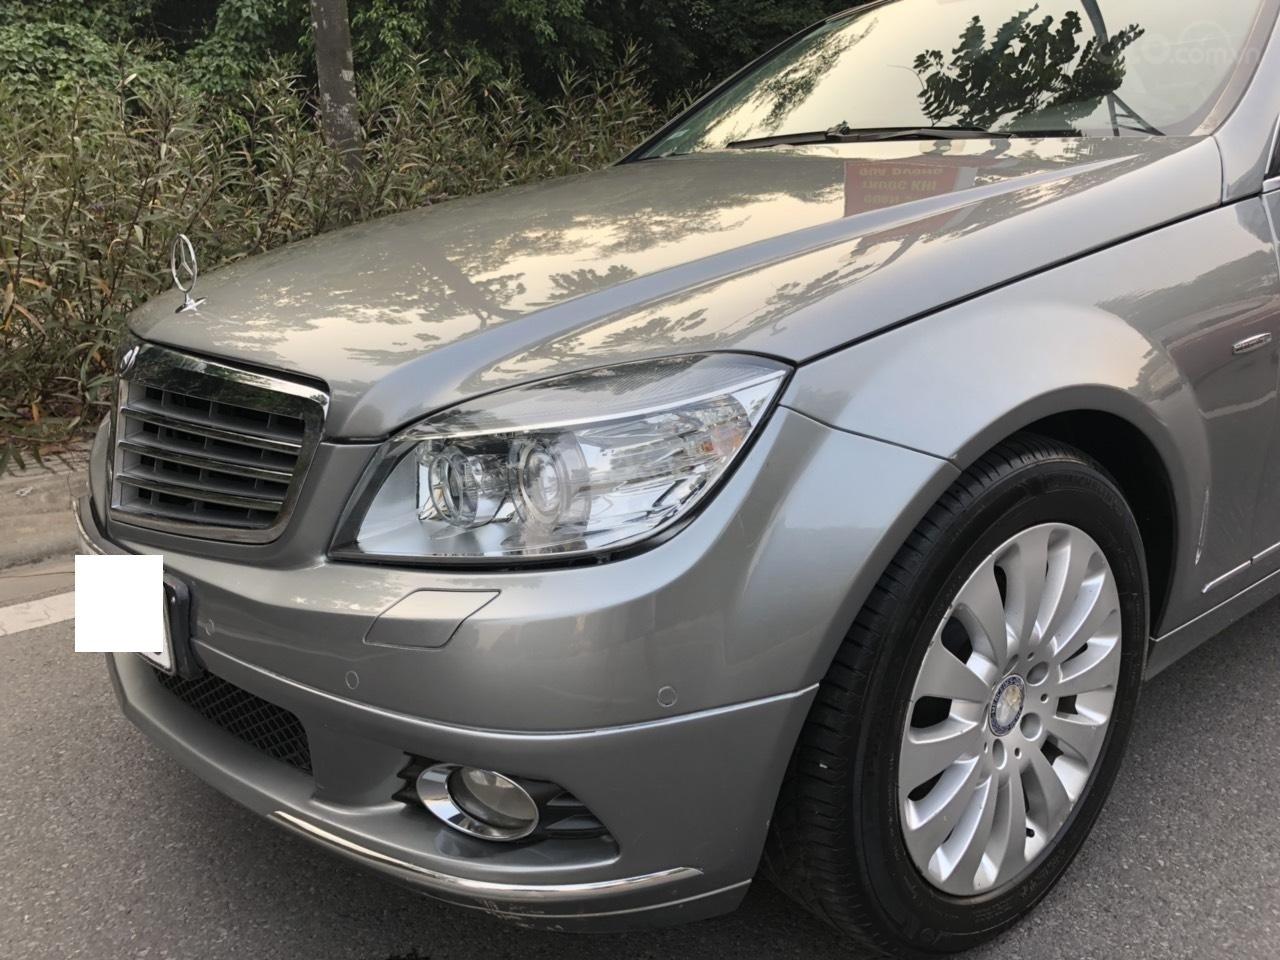 Cần bán Mercedes C200 đời 2009, màu xám, xe đẹp xuất sắc (3)